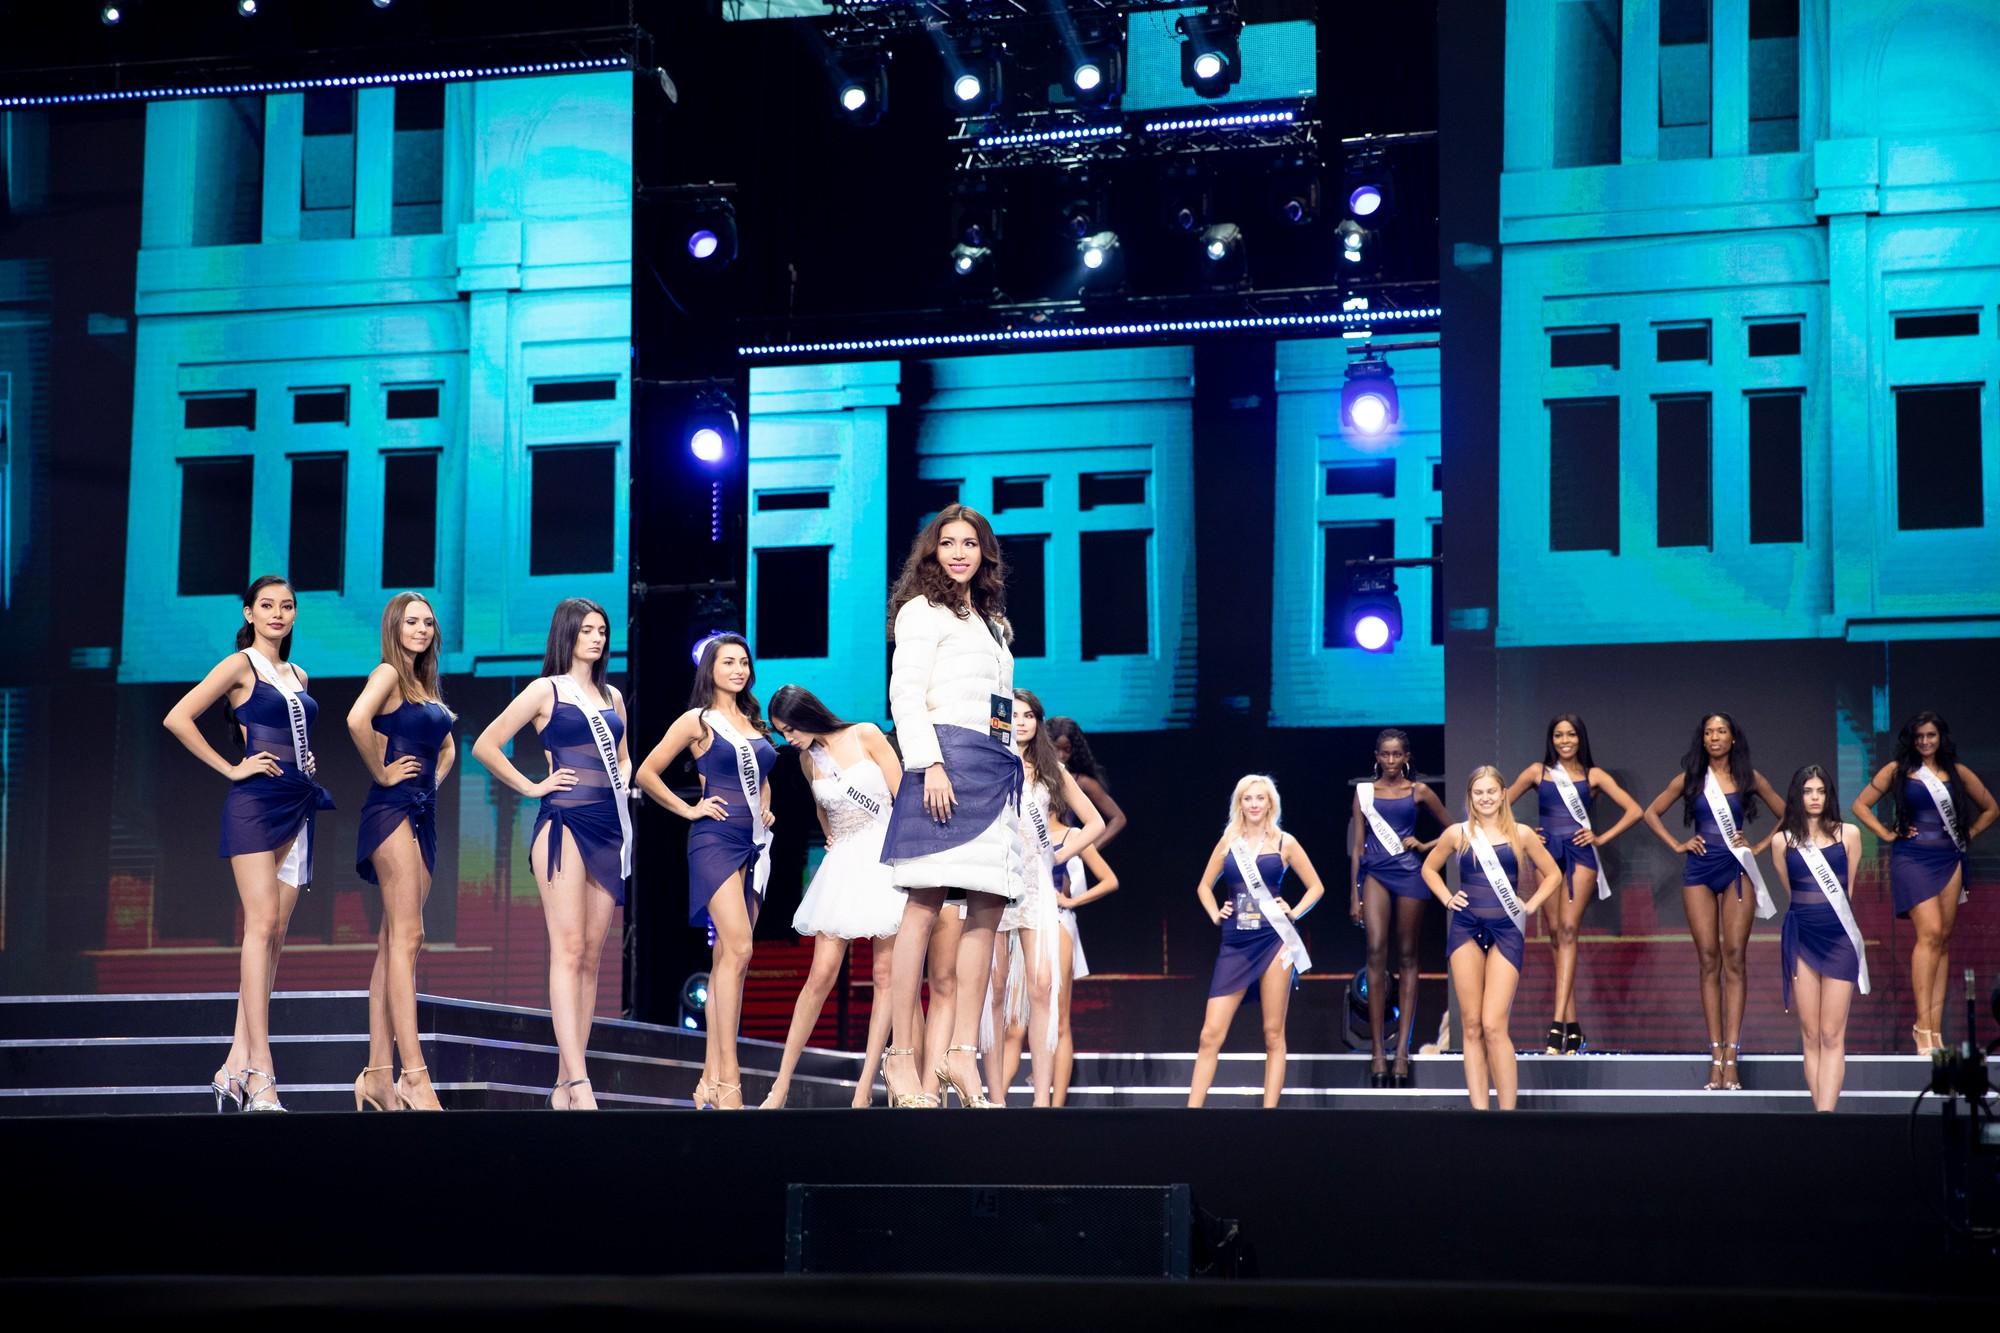 Ba Lan lạnh 0 độ, Minh Tú vẫn cháy hết mình trong buổi tổng duyệt trước chung kết Hoa hậu tối nay - Ảnh 3.